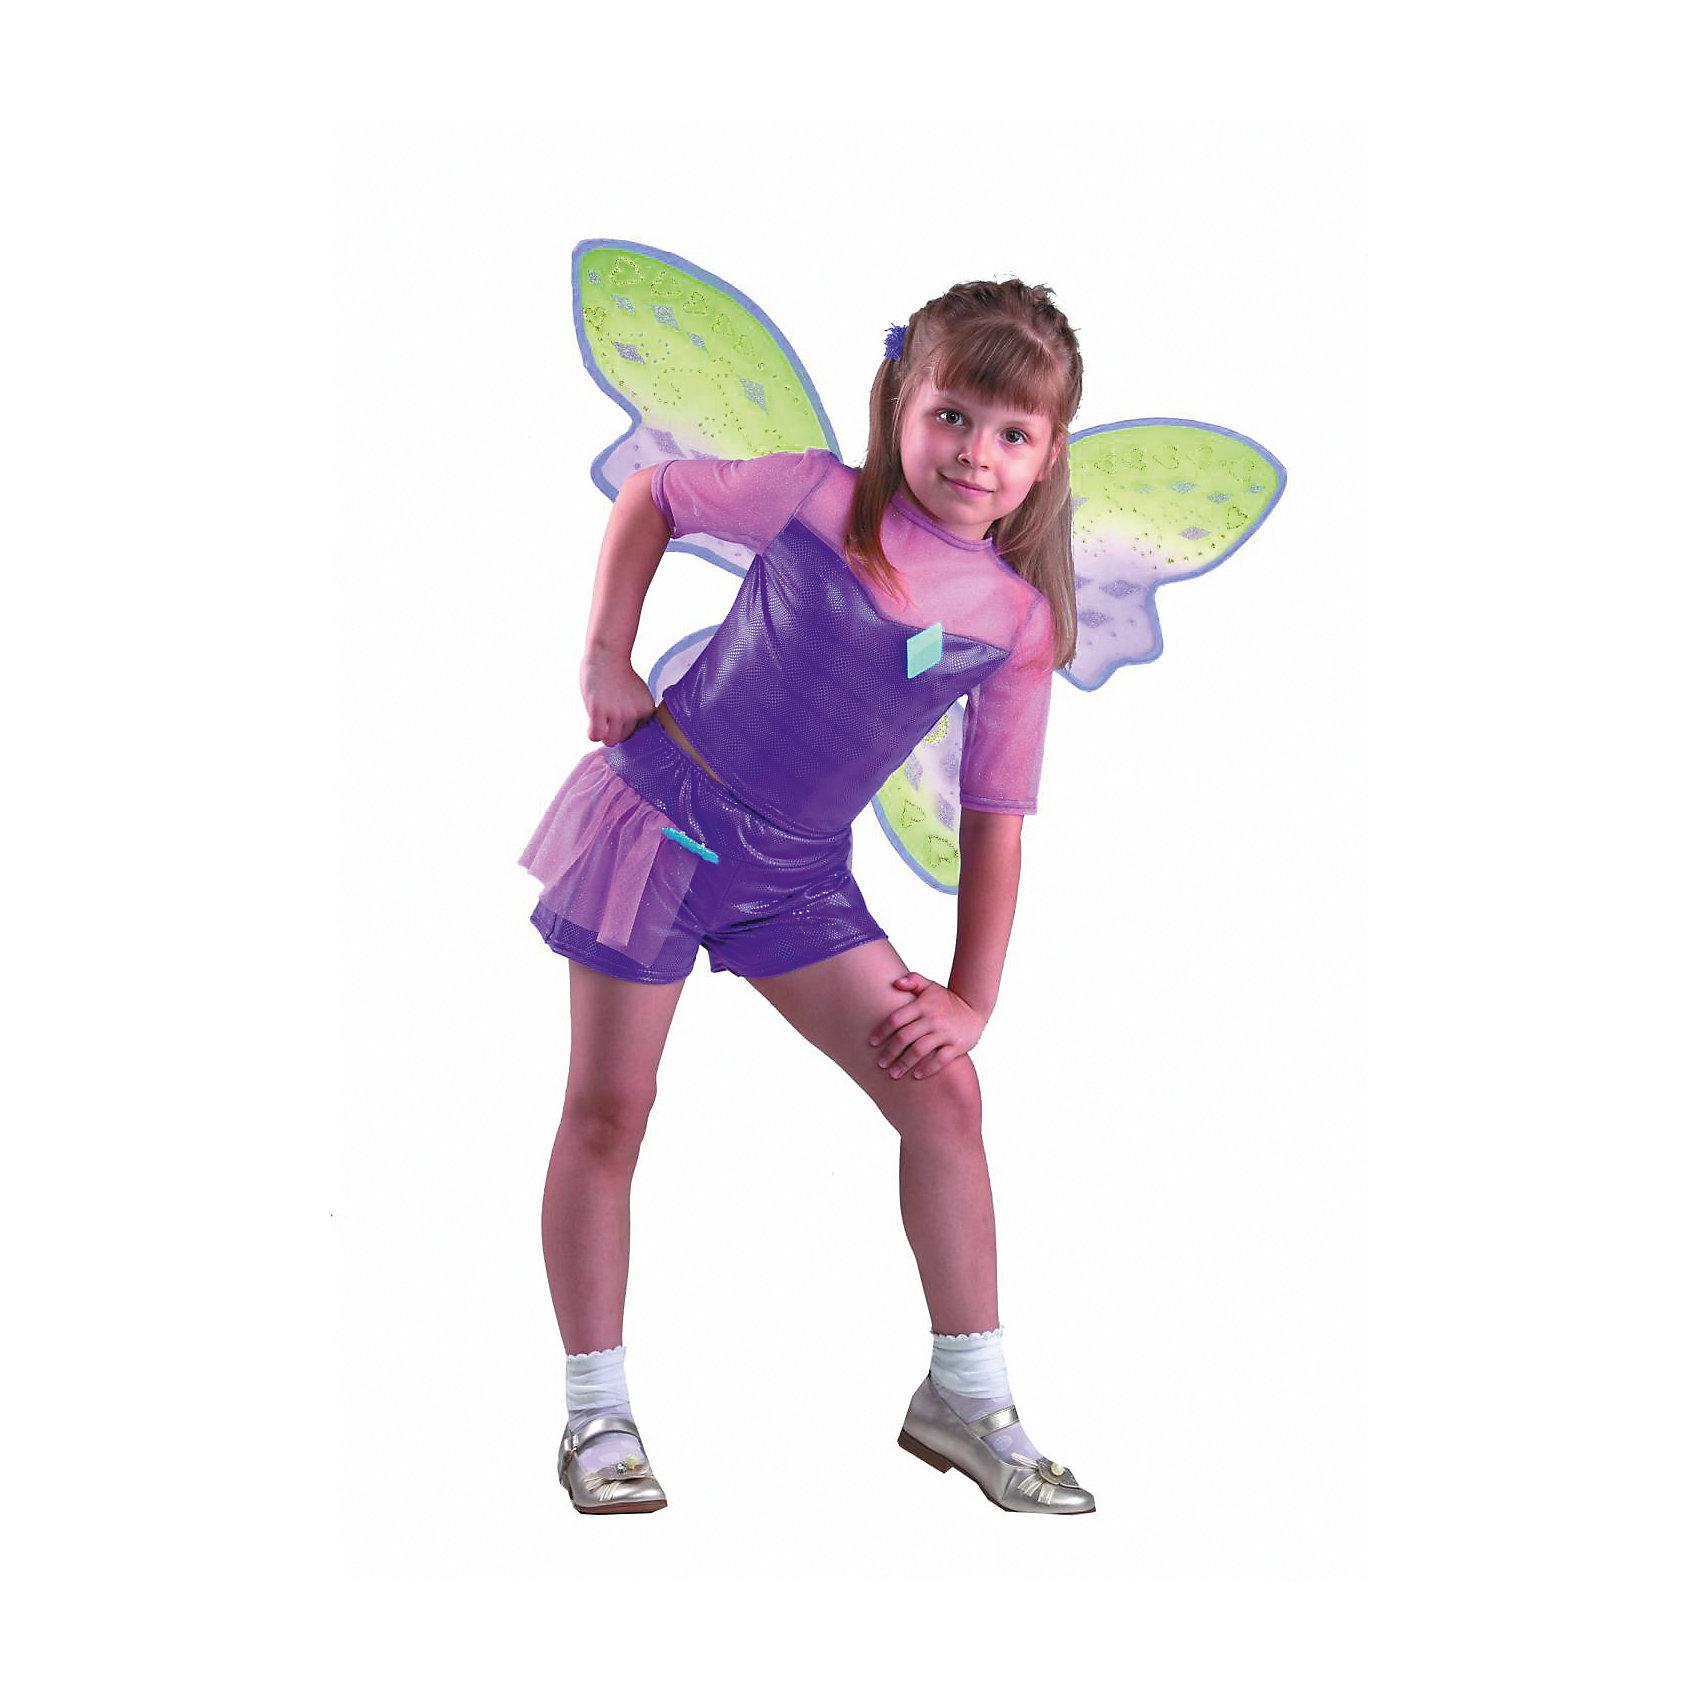 Карнавальный костюм Текна, БатикWinx Club<br>Карнавальный костюм Текна, Батик<br><br>Характеристики:<br><br>• Материал: 100% полиэстер.<br>• Цвет: разноцветный.<br><br>В комплекте:<br><br>• шорты;<br>• топ;<br>• крылья;<br>• парик;<br>• перчатки;<br>• гольфы;<br>• брошь «ромб»;<br>• брошь «звезда».<br><br>Ваша девочка поклонница историй о феях-волшебницах Винкс? Тогда этот костюм для неё!  Костюм Текны - одной из главных героинь сказочной истории - воссоздаёт образ персонажа в мельчайших деталях. Фиолетовый парик, легкие крылышки – все это поможет вашей девочке перевоплотиться в фею Текну. В таком карнавальном костюме, «Текна»,  ваша девочка получит максимальное удовольствие от праздника и подарит радость окружающим!<br><br>Карнавальный костюм Текна, Батик можно купить в нашем интернет – магазине.<br><br>Ширина мм: 500<br>Глубина мм: 50<br>Высота мм: 700<br>Вес г: 600<br>Цвет: белый<br>Возраст от месяцев: 60<br>Возраст до месяцев: 72<br>Пол: Женский<br>Возраст: Детский<br>Размер: 30<br>SKU: 5092537